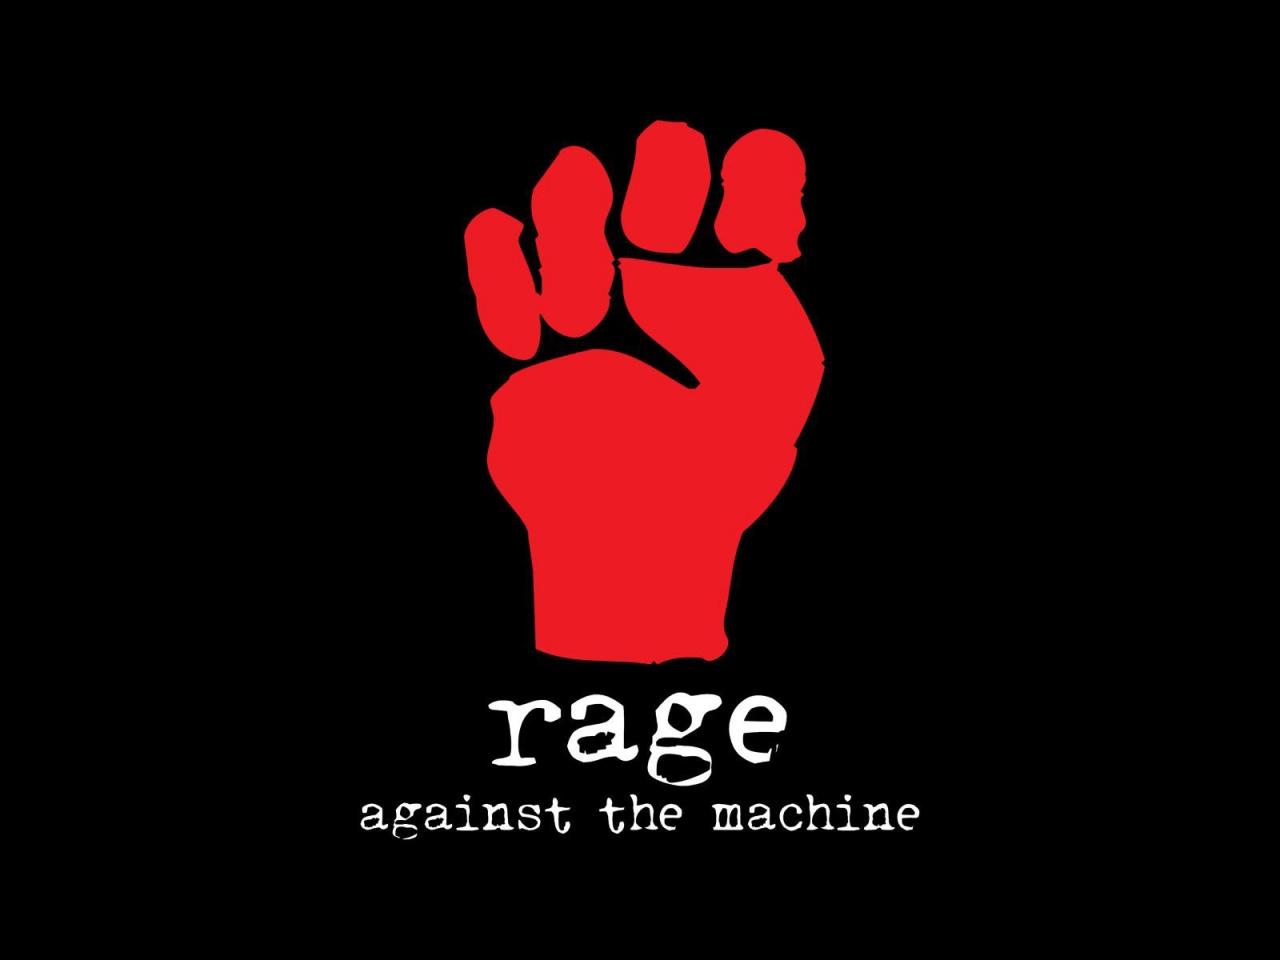 rage against the machine new album